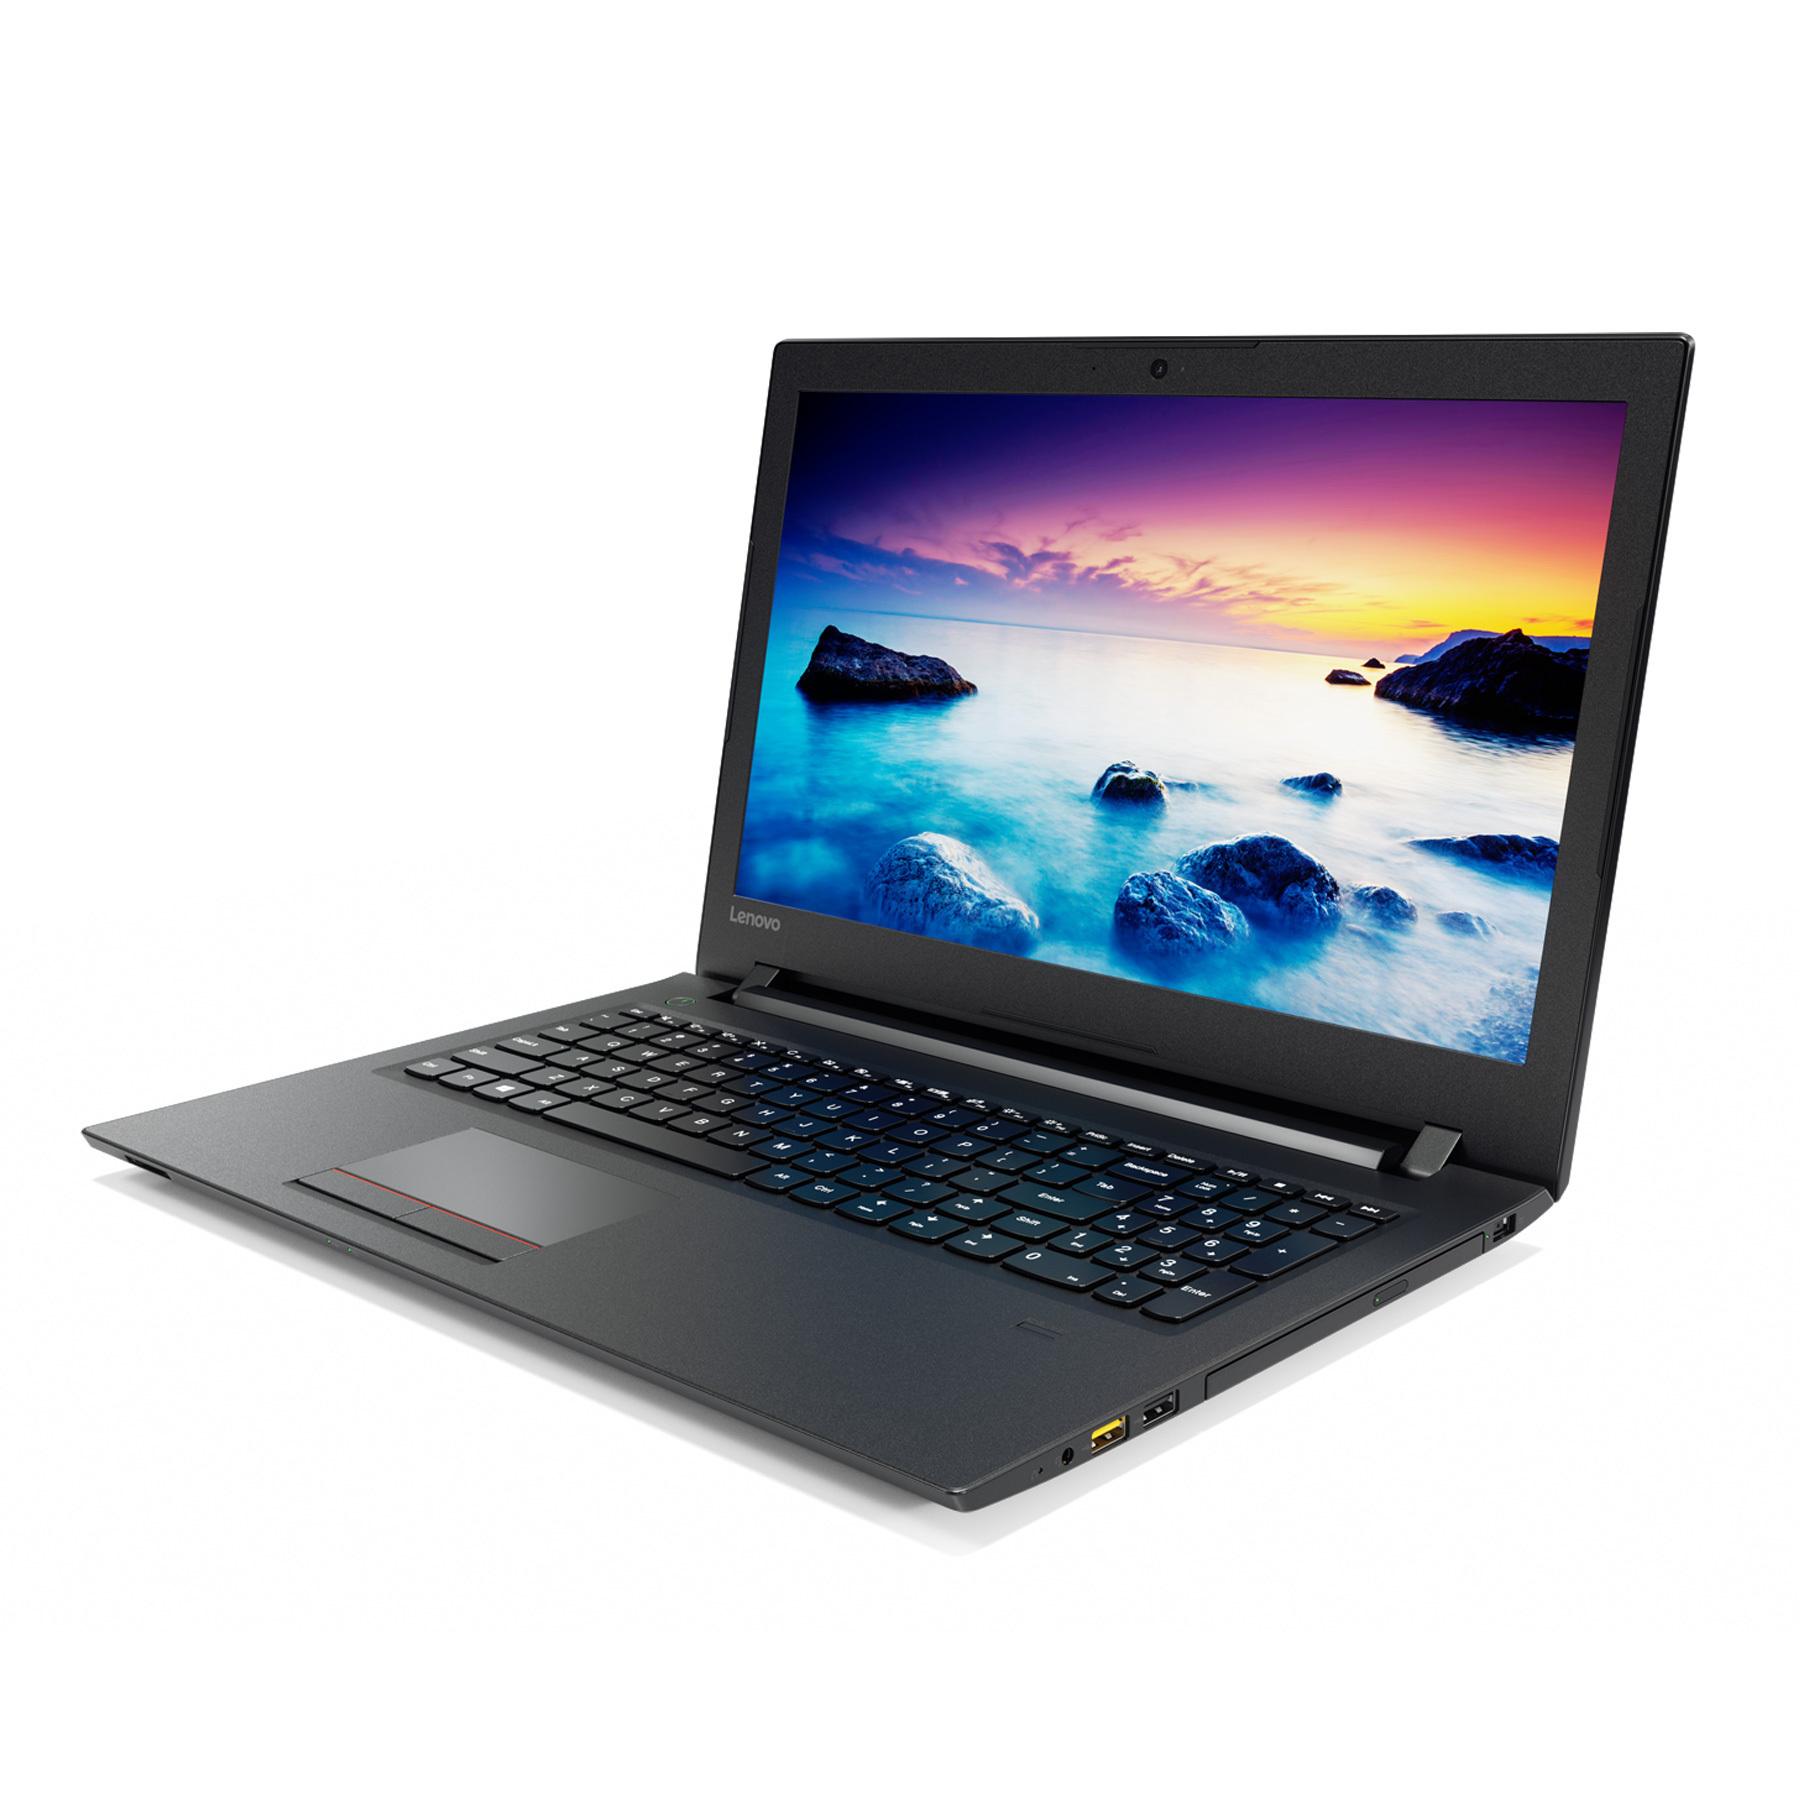 """[NBB] Lenovo V510-15IKB 80WQ01SWGE 15,6"""" Full HD IPS, Core i3-6006U, 8GB RAM, 256GB SSD, Radeon R5 M430, Wlan ac, Win 10"""